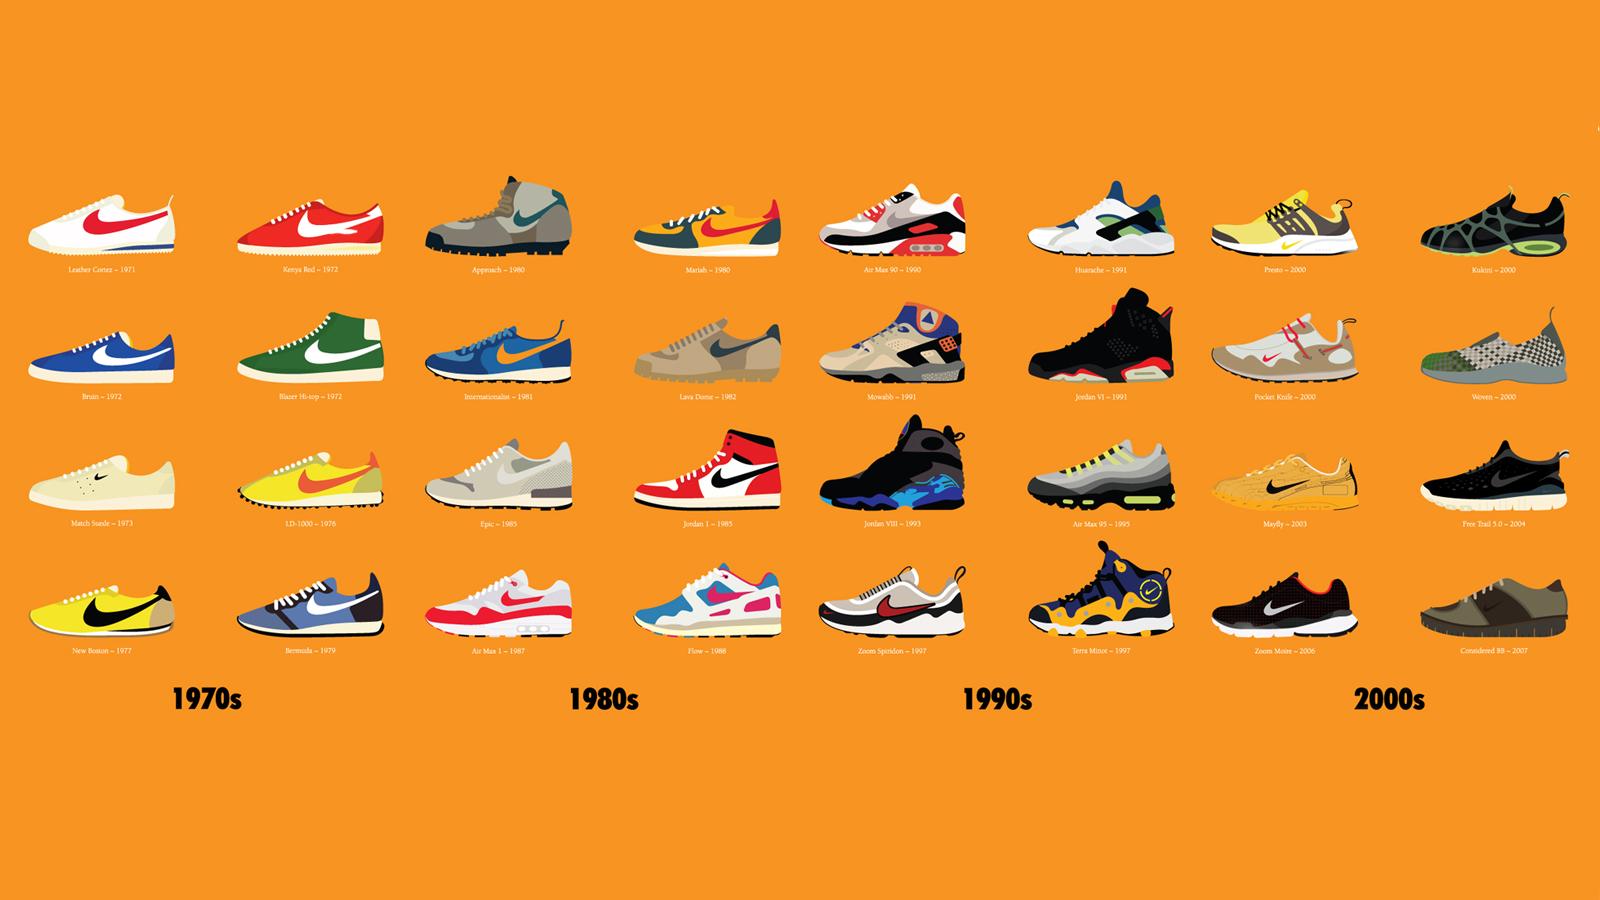 baratas para descuento apariencia estética calidad y cantidad asegurada 47+] Nike Sneaker Wallpaper on WallpaperSafari